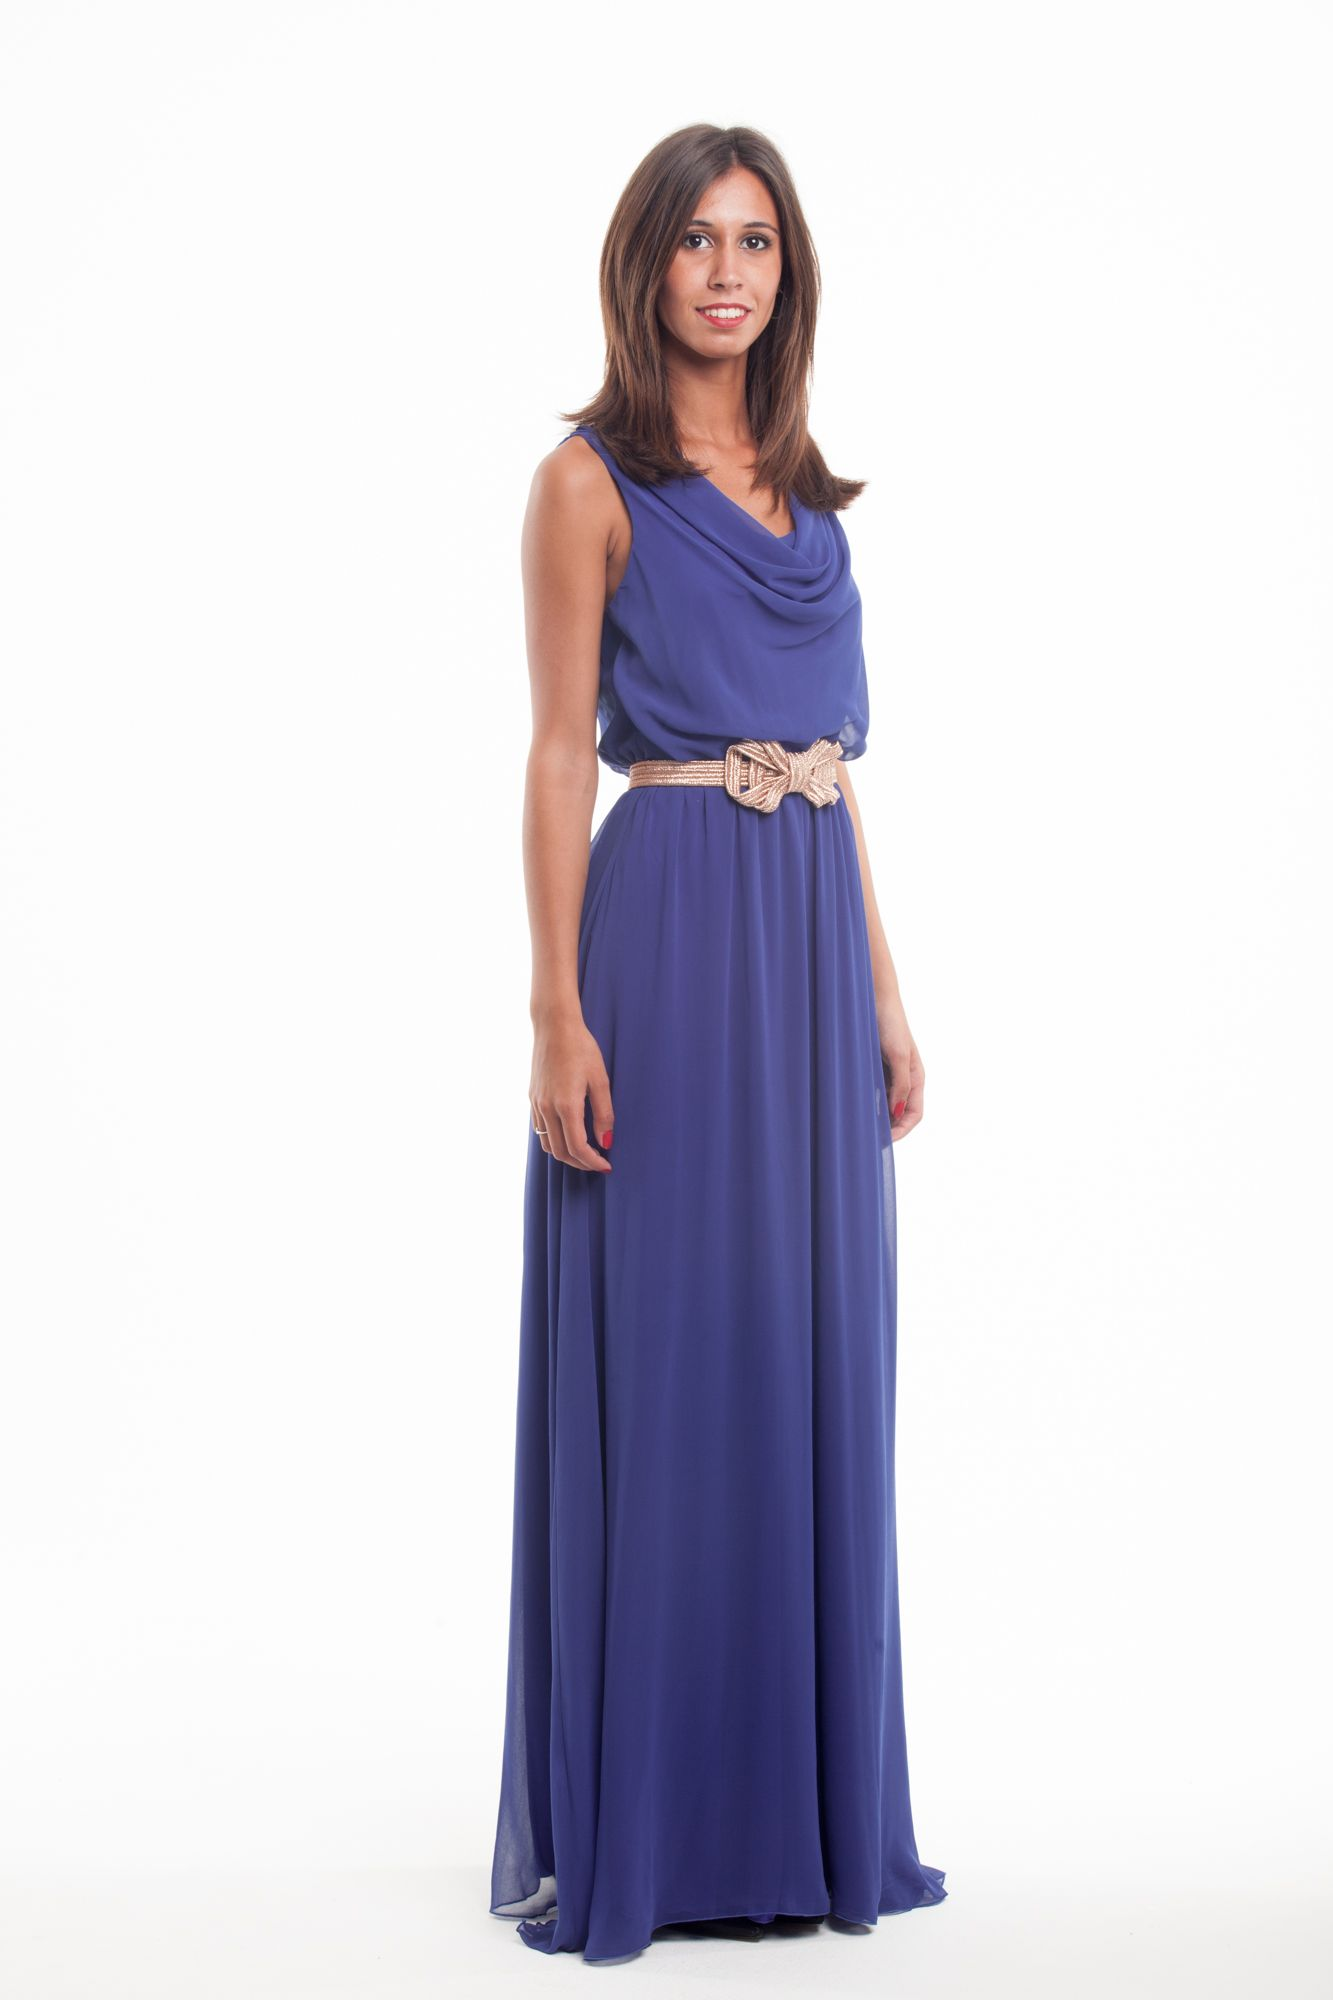 Vestido modelo Dórico de Poète | Vestidos largos en alquiler ...